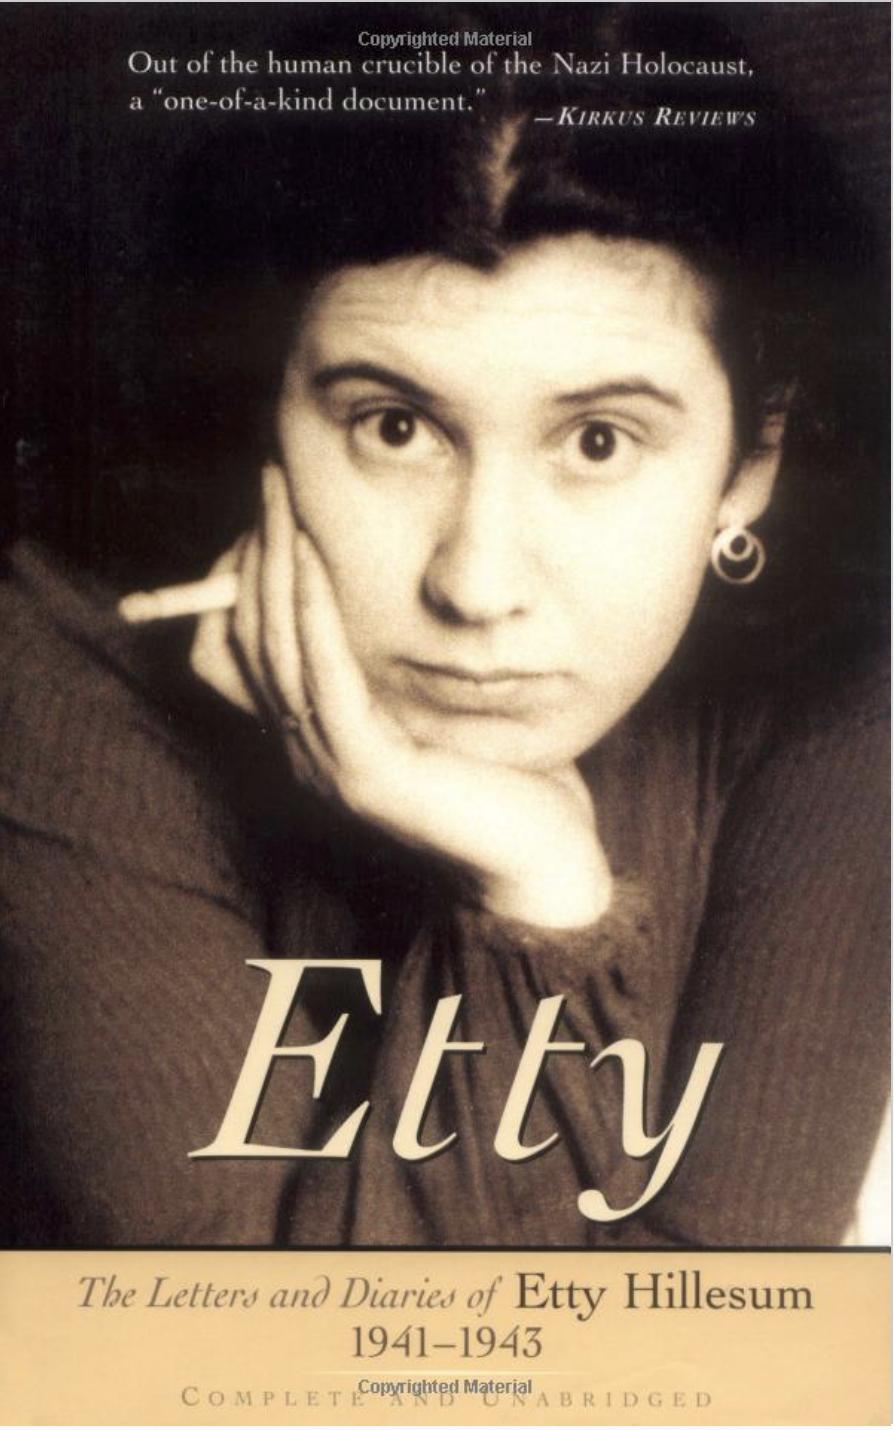 Etty Hillesum.png